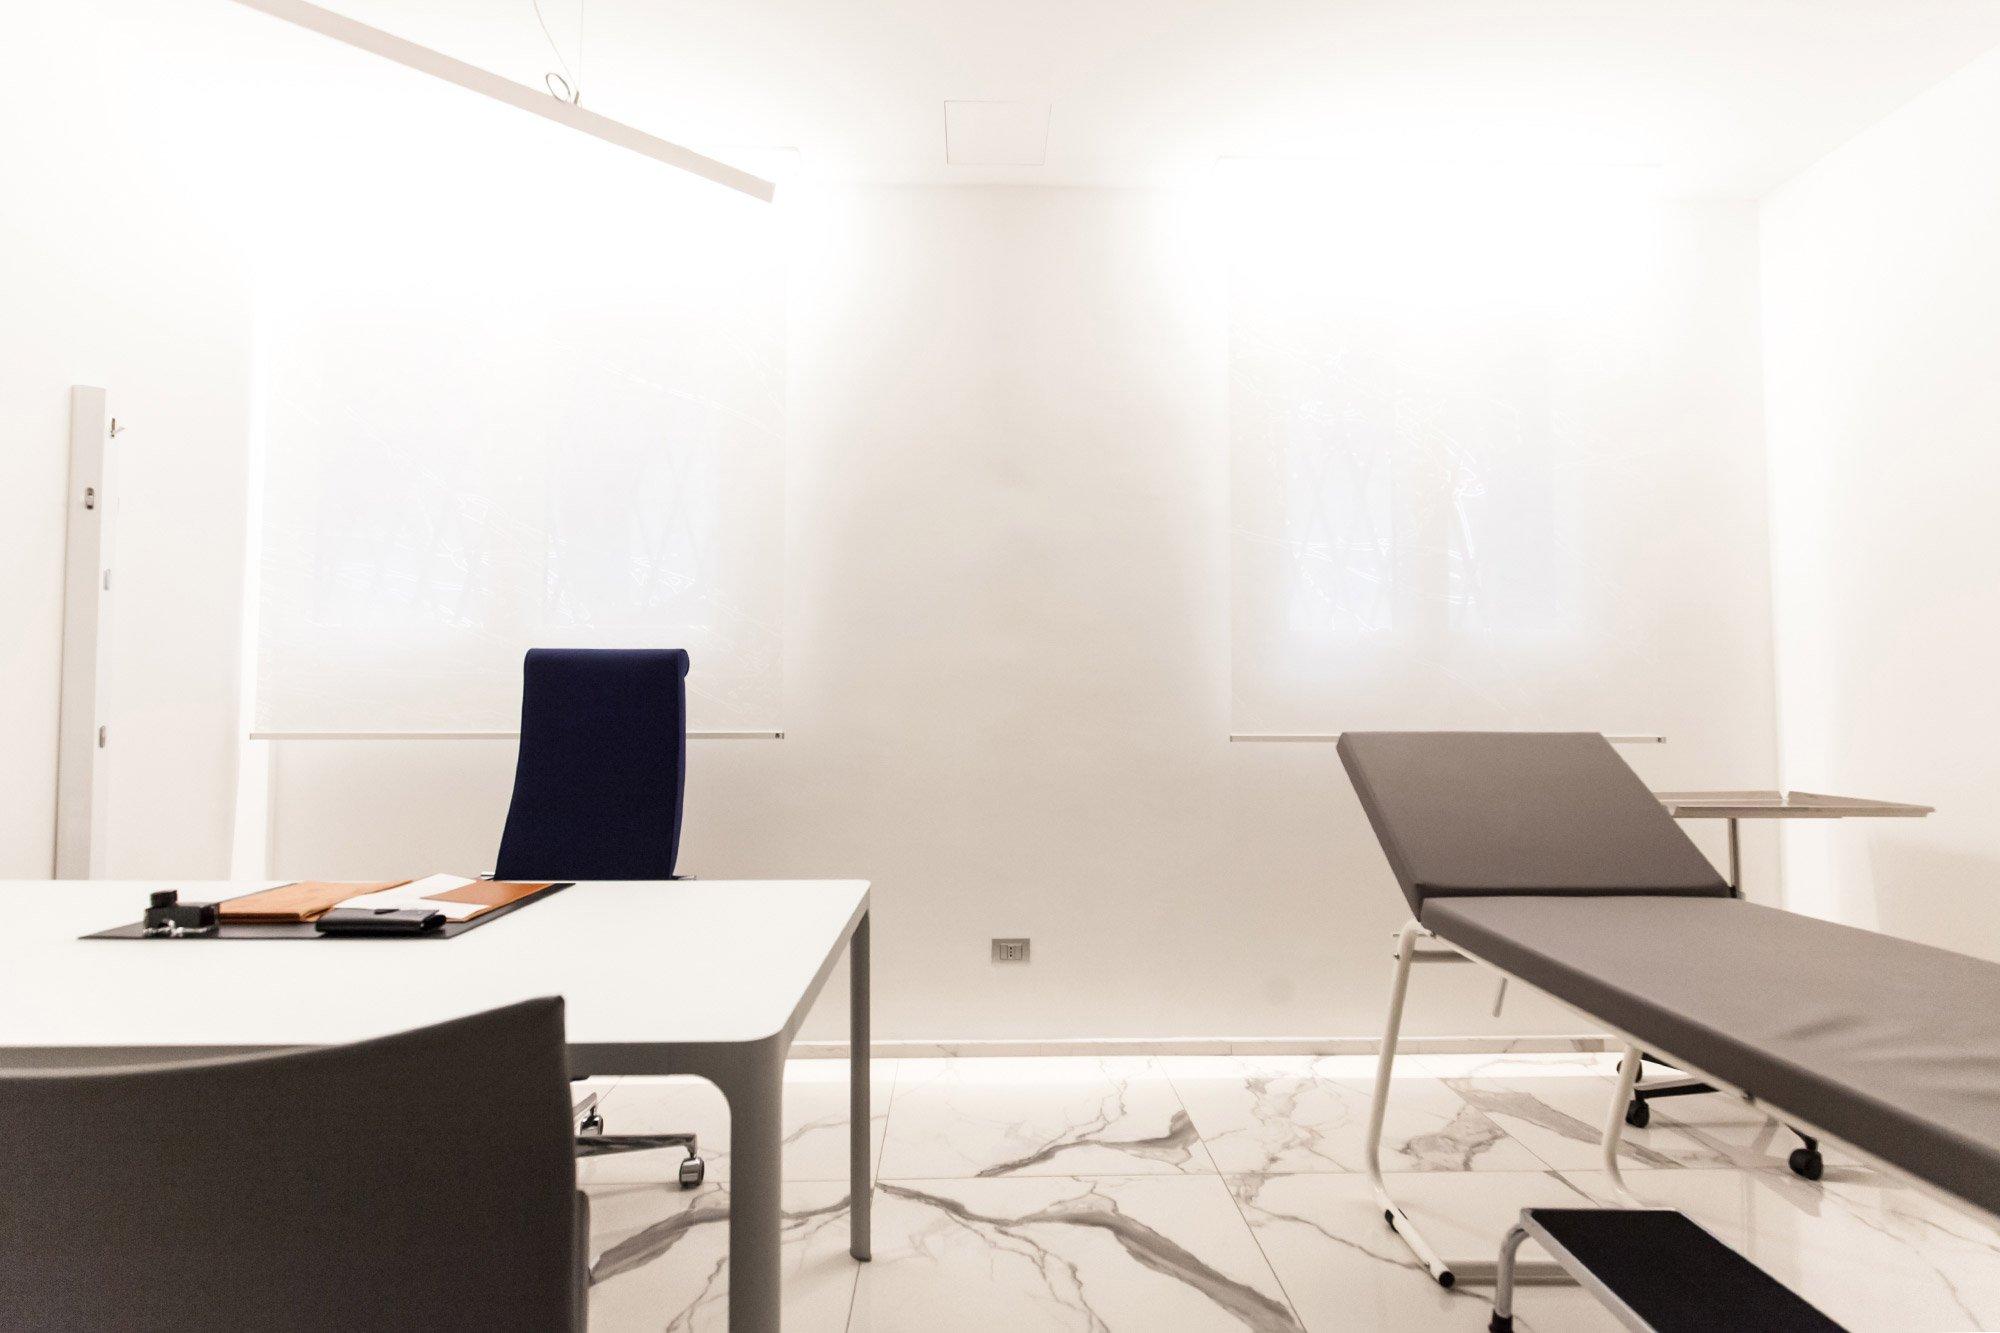 Progettazione Ideacasain Studio Medico Bianca Maria 5, Milano